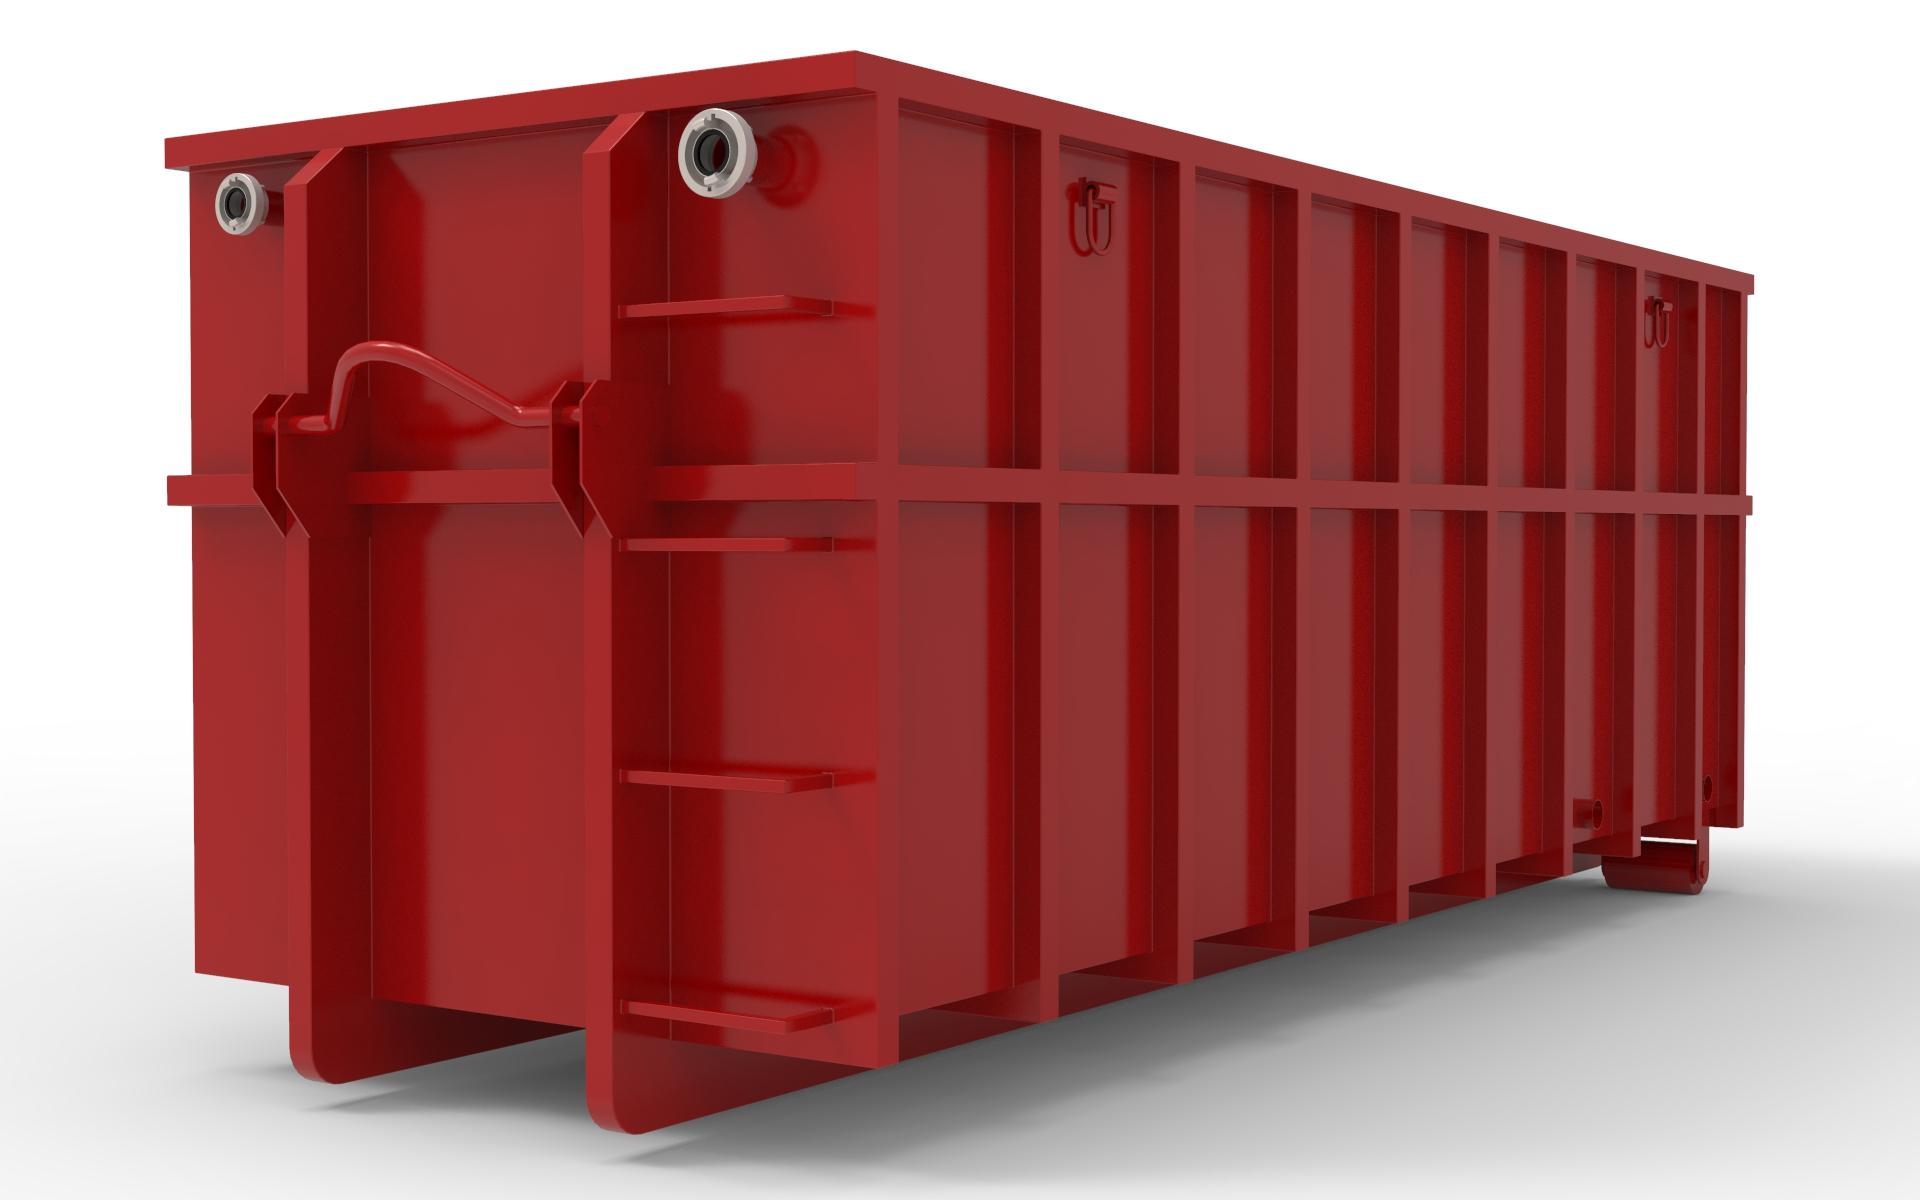 Abrollcontainer nach DIN 30722